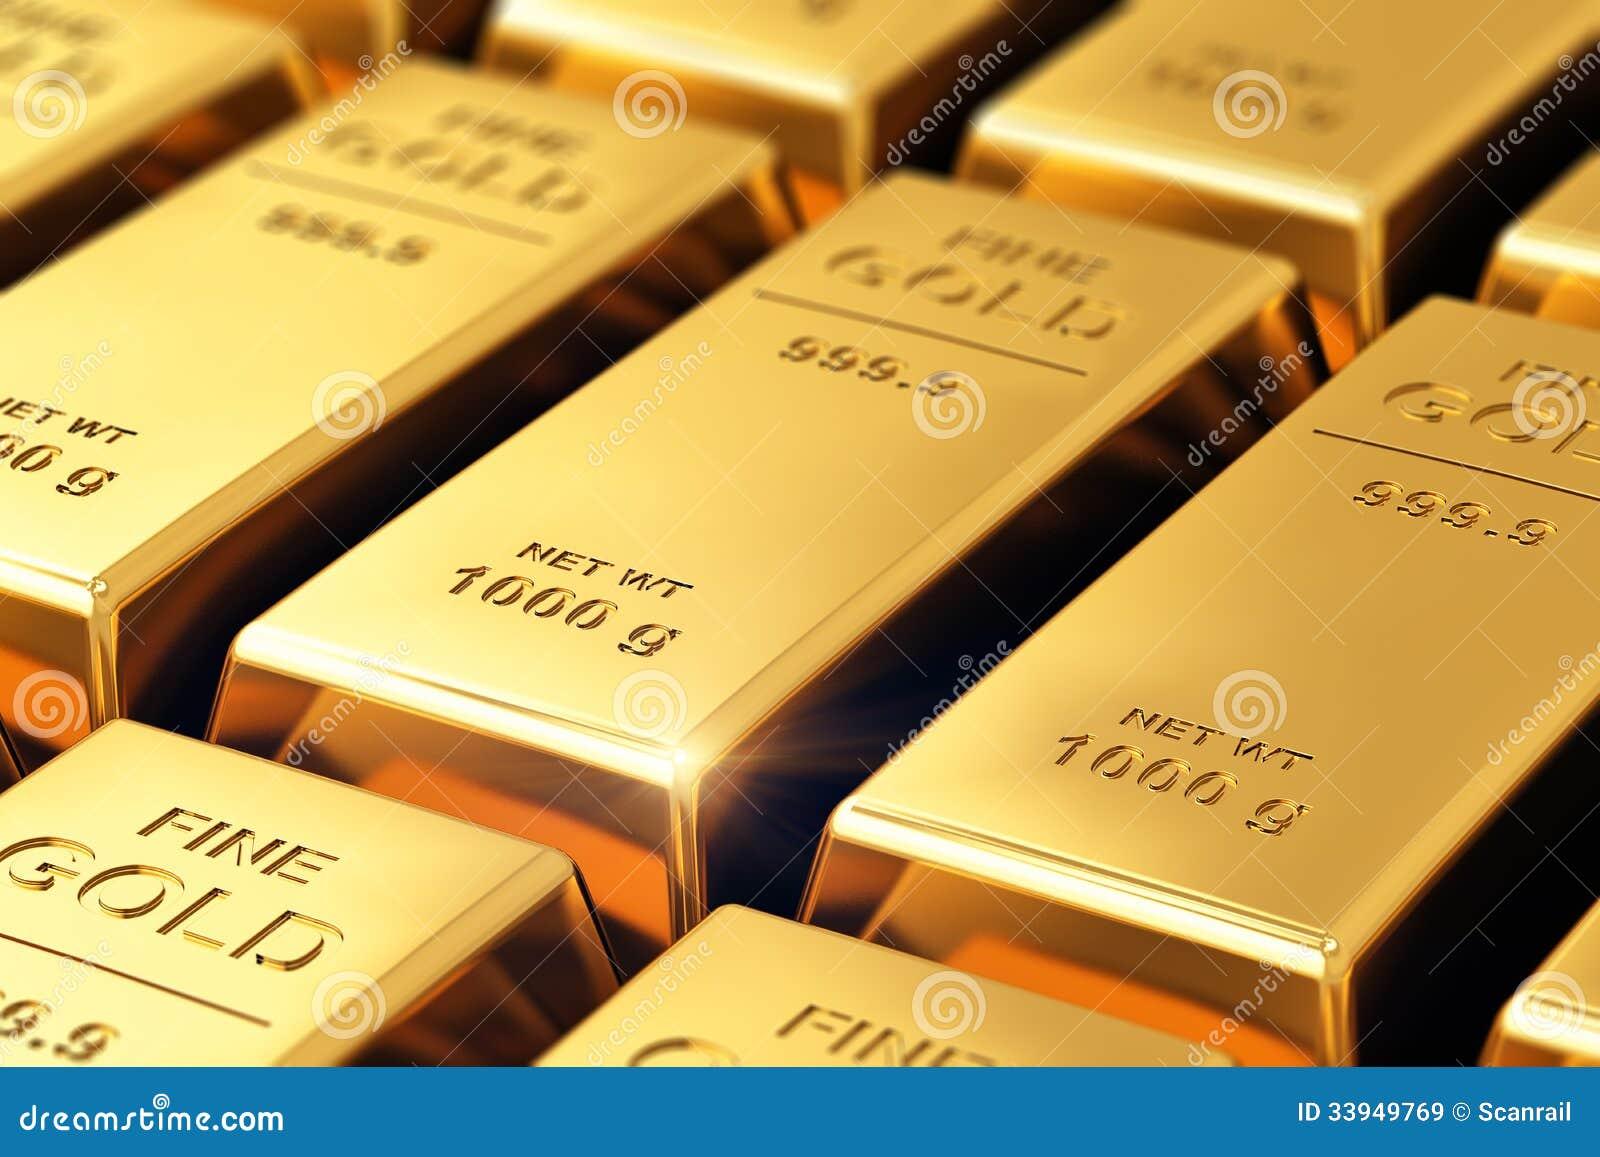 gold ingots royalty free stock images image 33949769 gold coin clipart gold coin clip art free